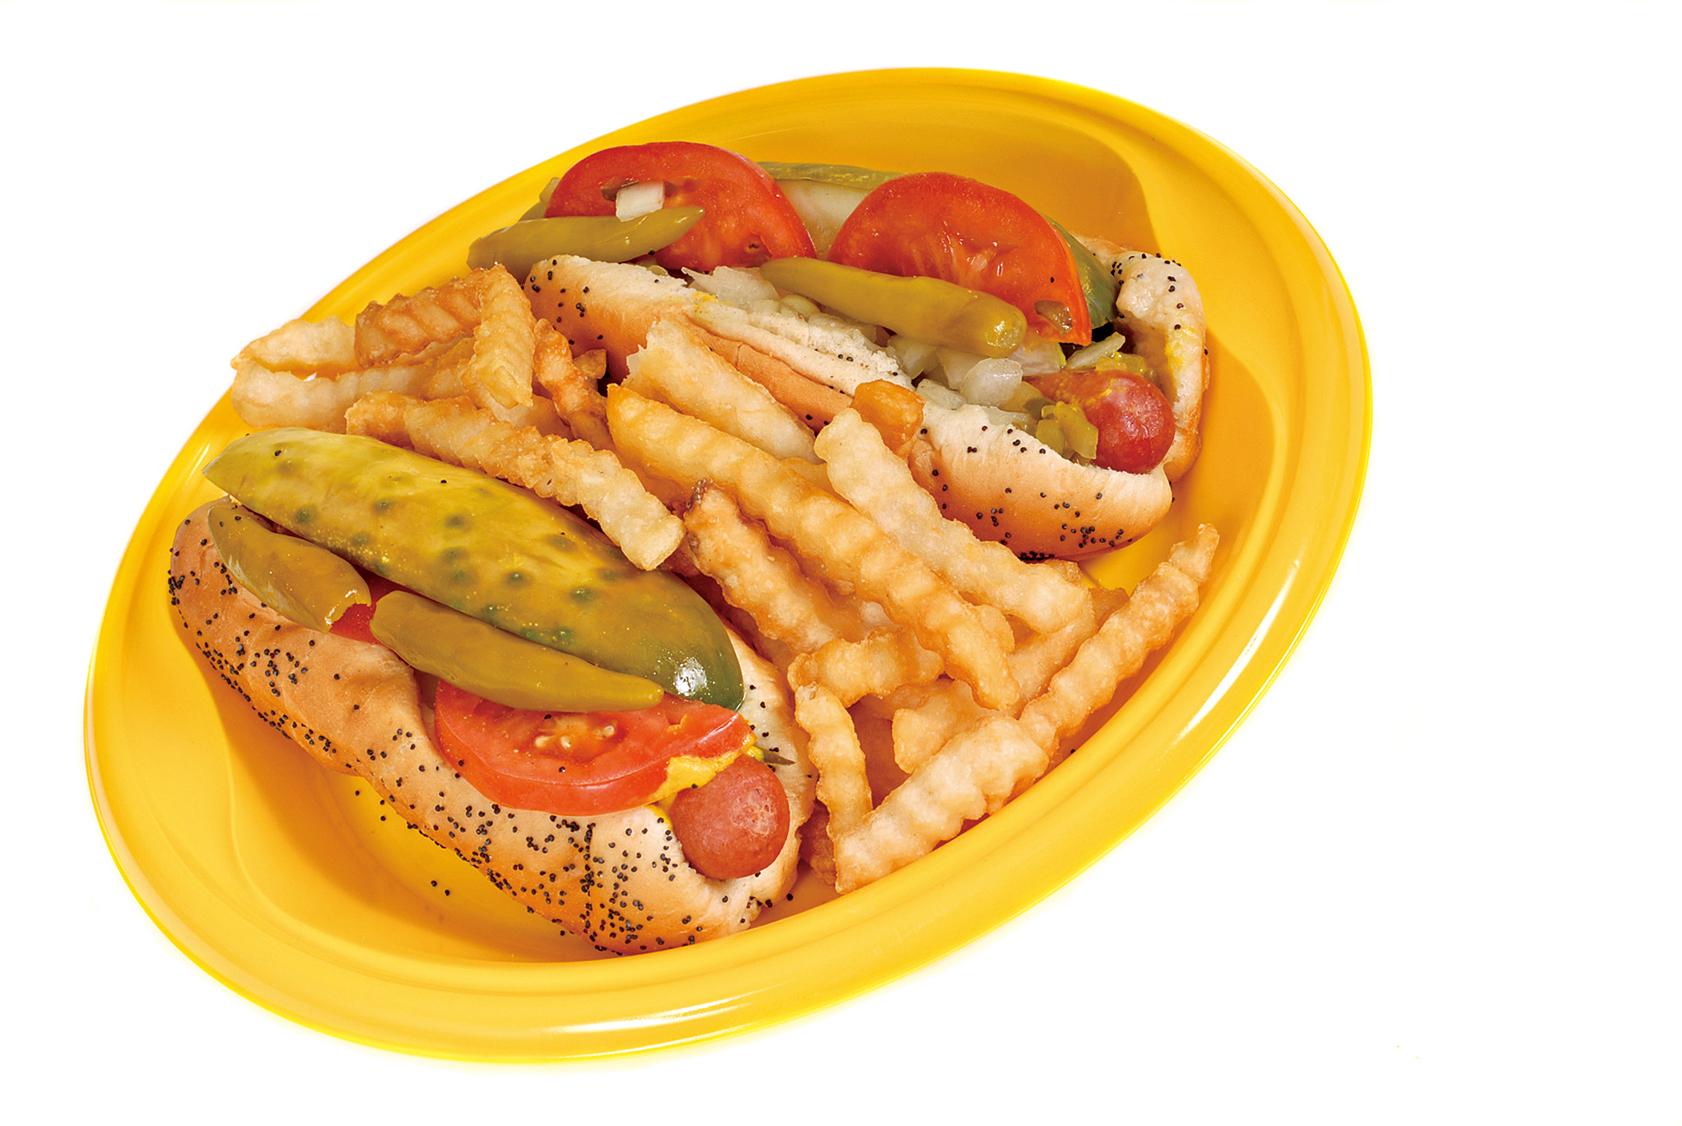 芝加哥式熱狗是在罌粟籽麵包中夾入全牛肉熱狗香腸。